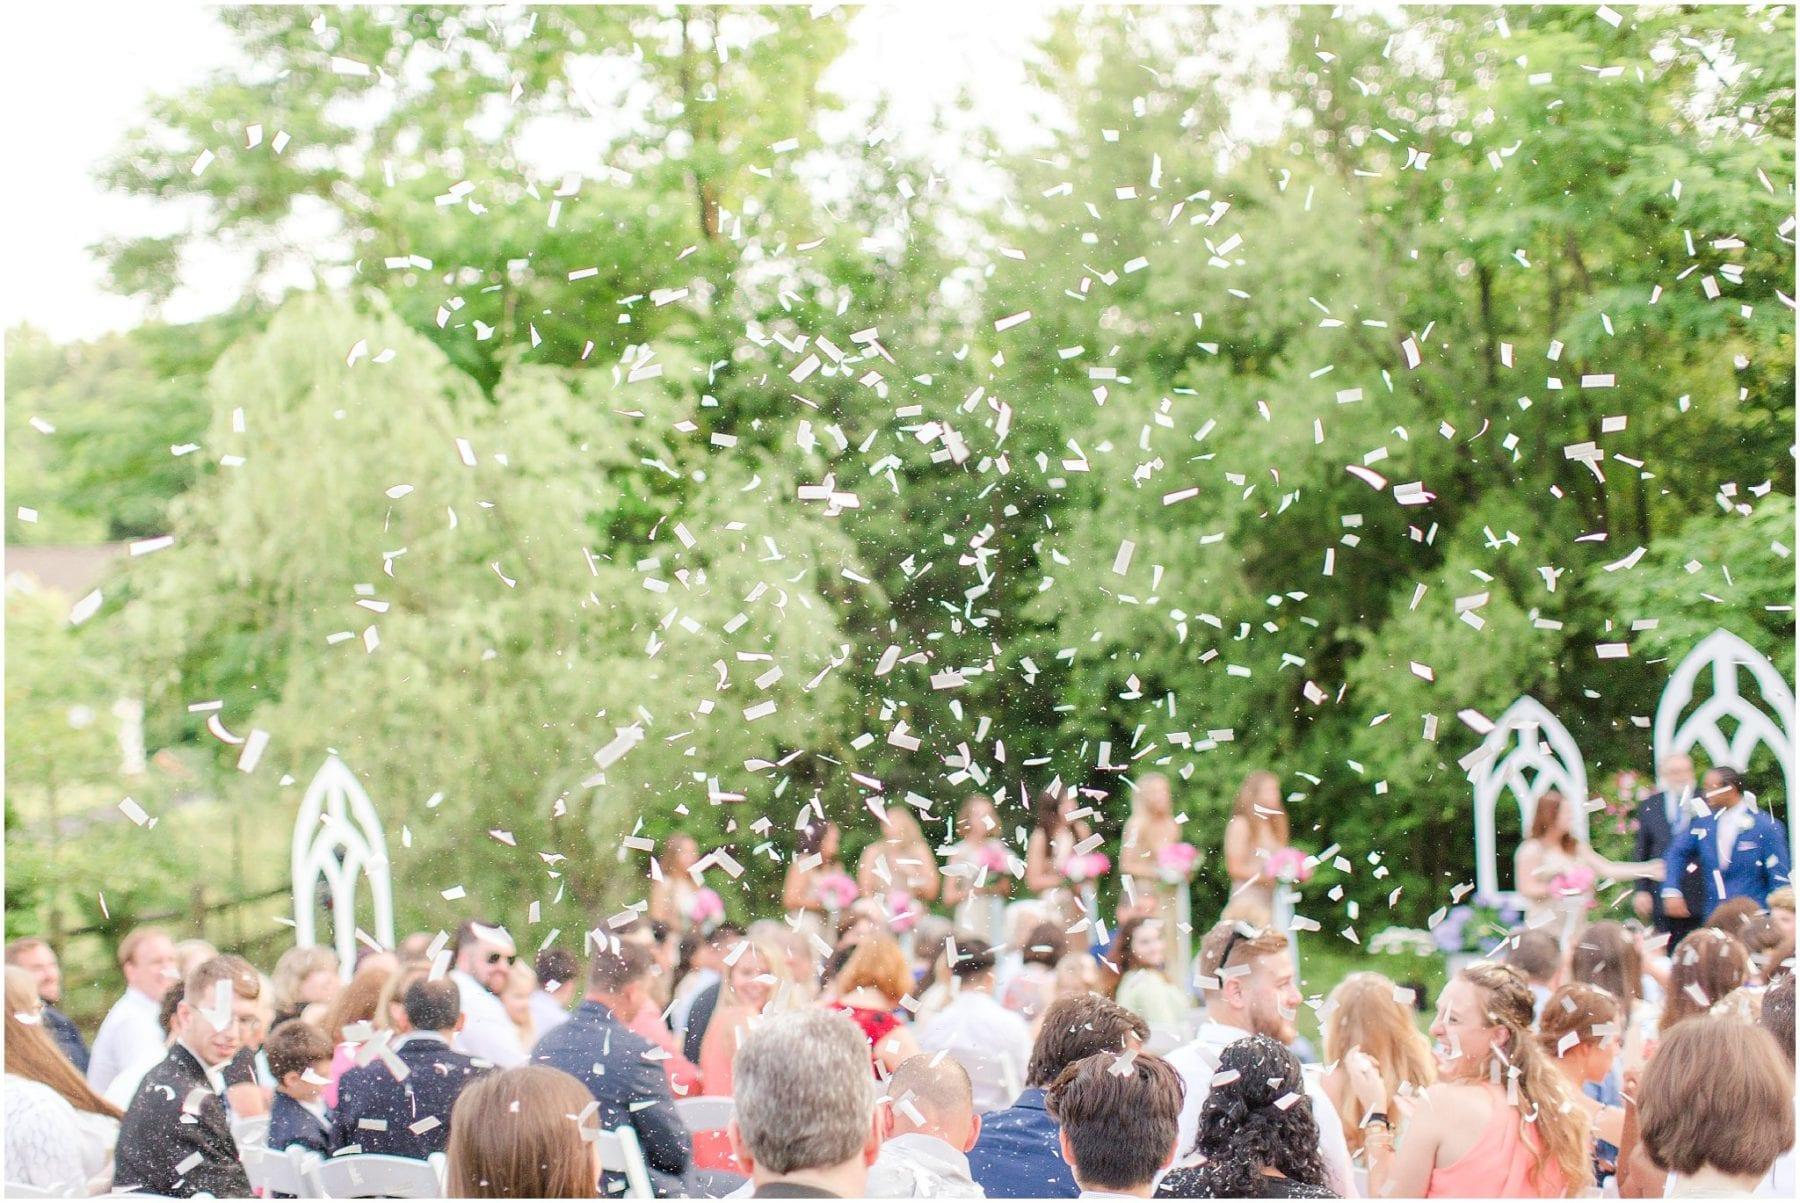 Maryland Backyard Wedding Photos Kelly & Zach Megan Kelsey Photography-242.jpg